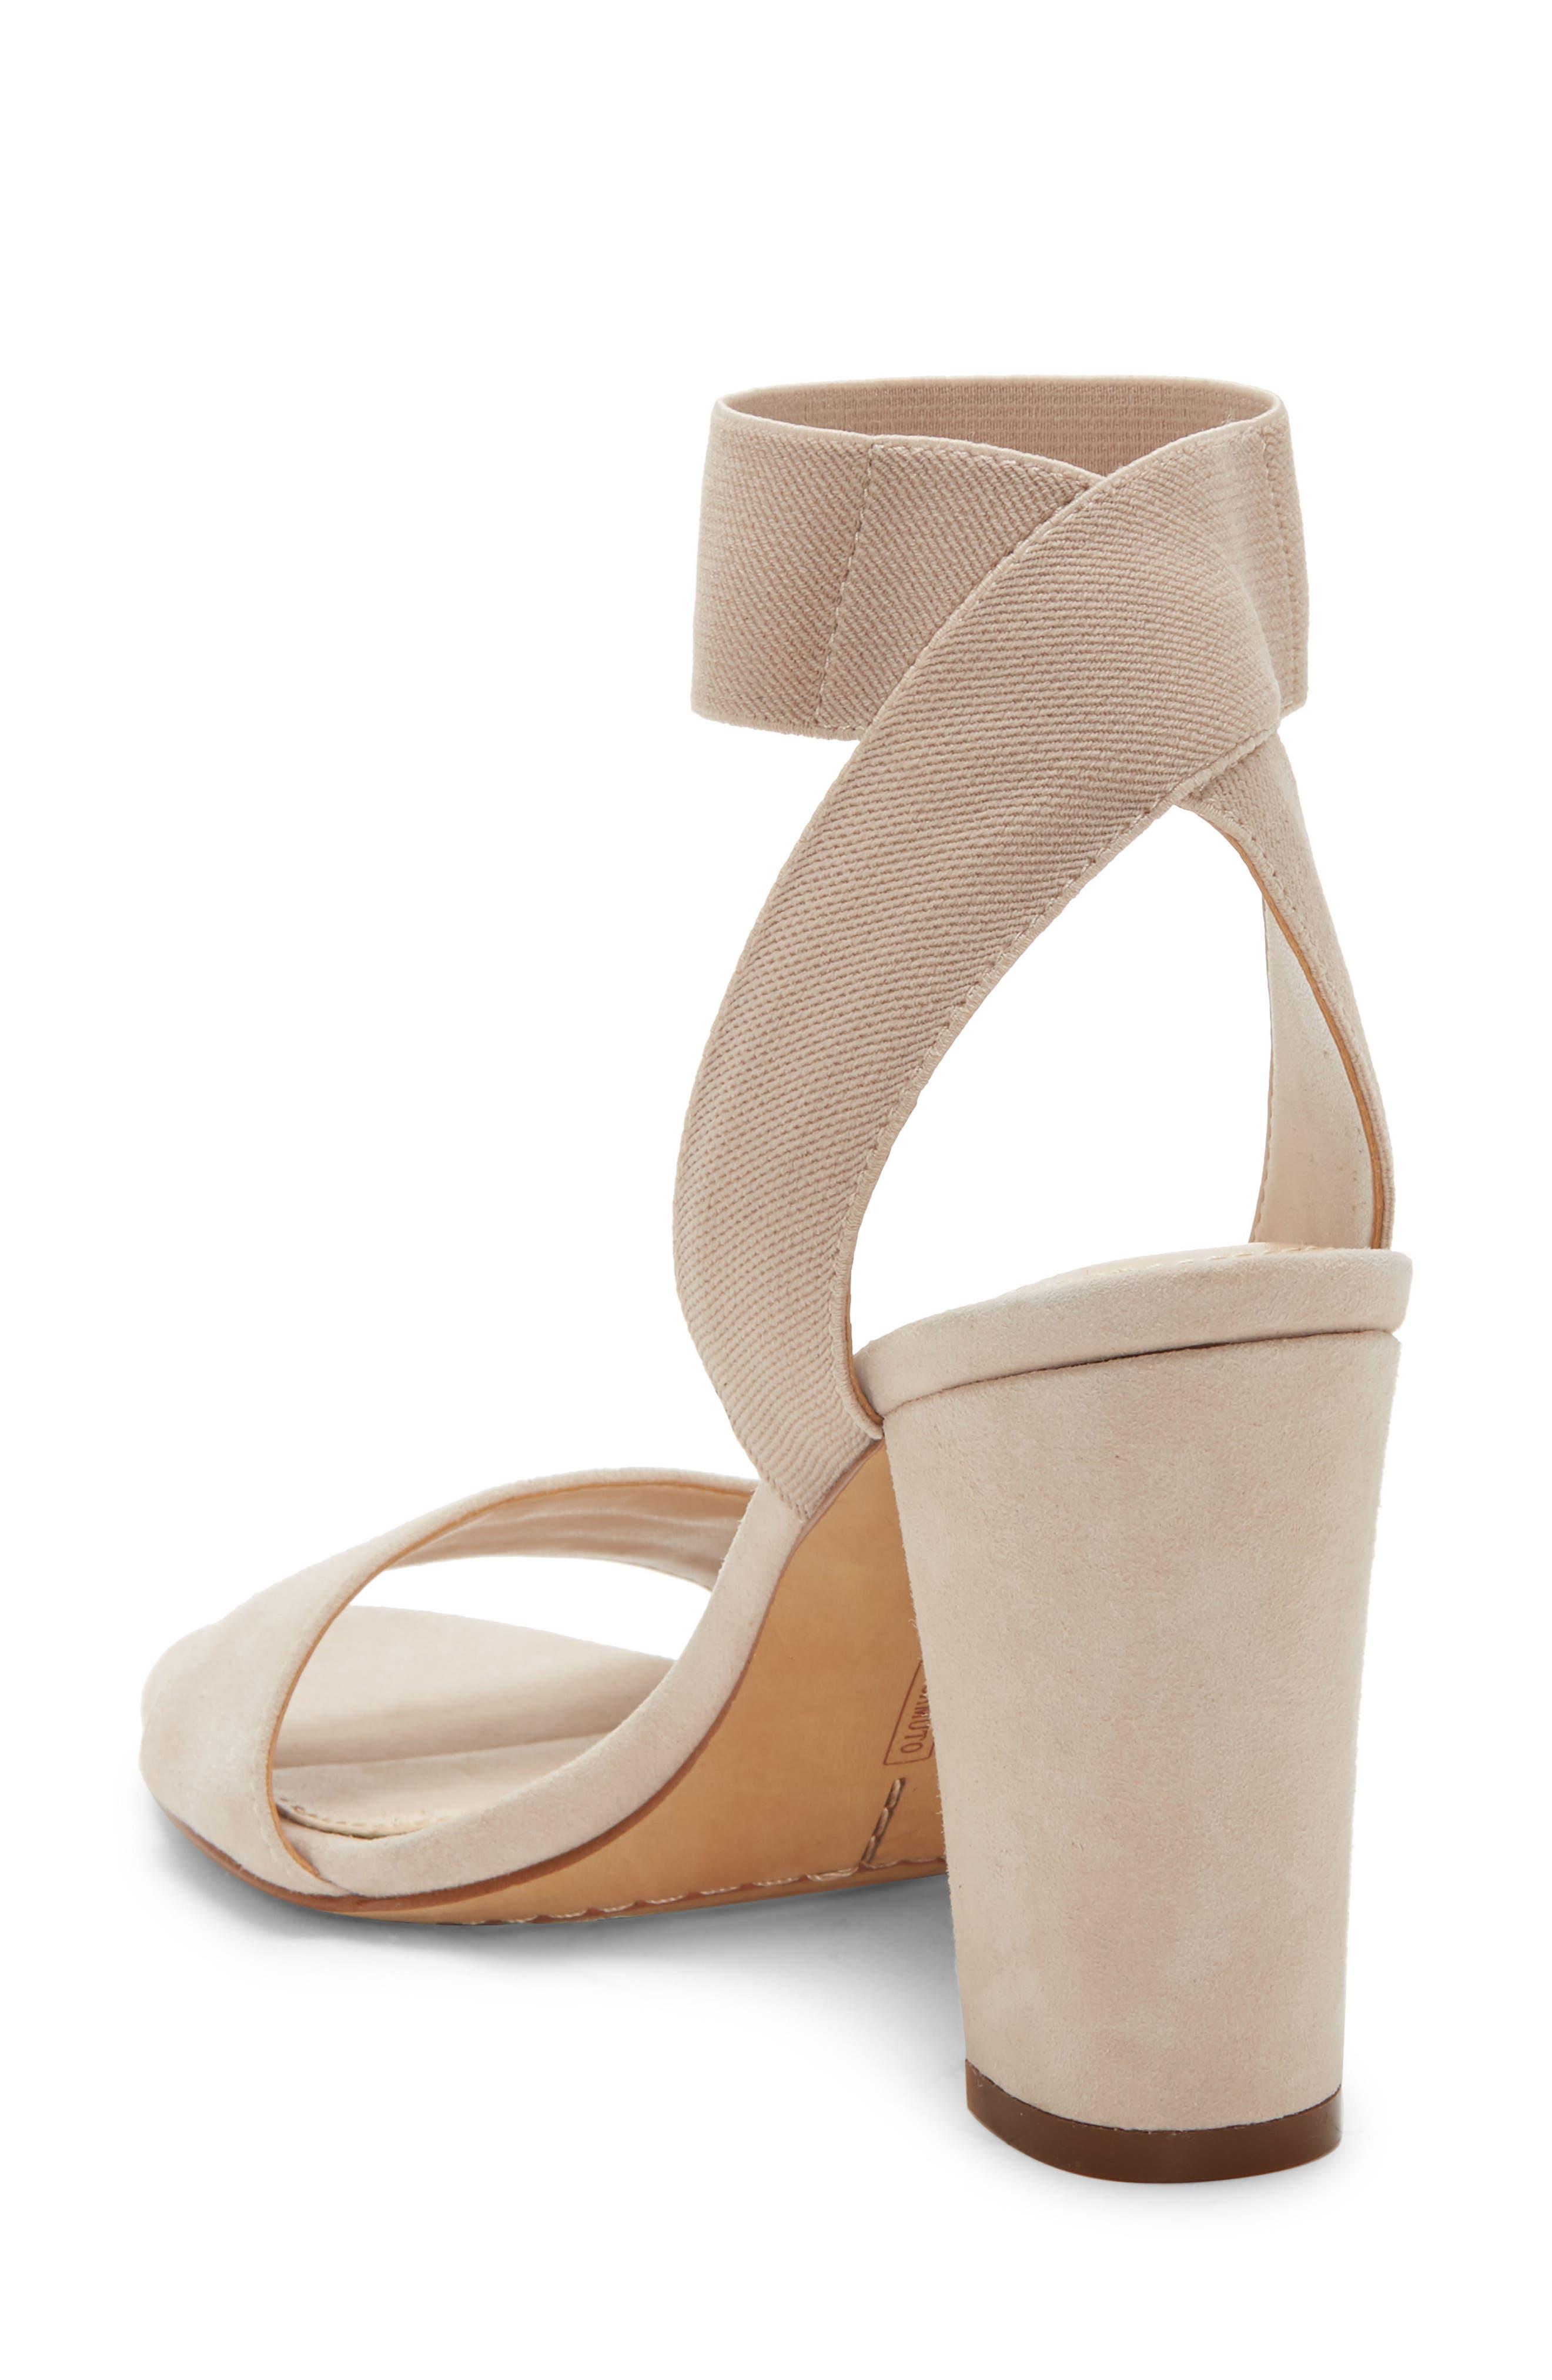 6e1d85bb76 Women s Shoes New Arrivals  Boots